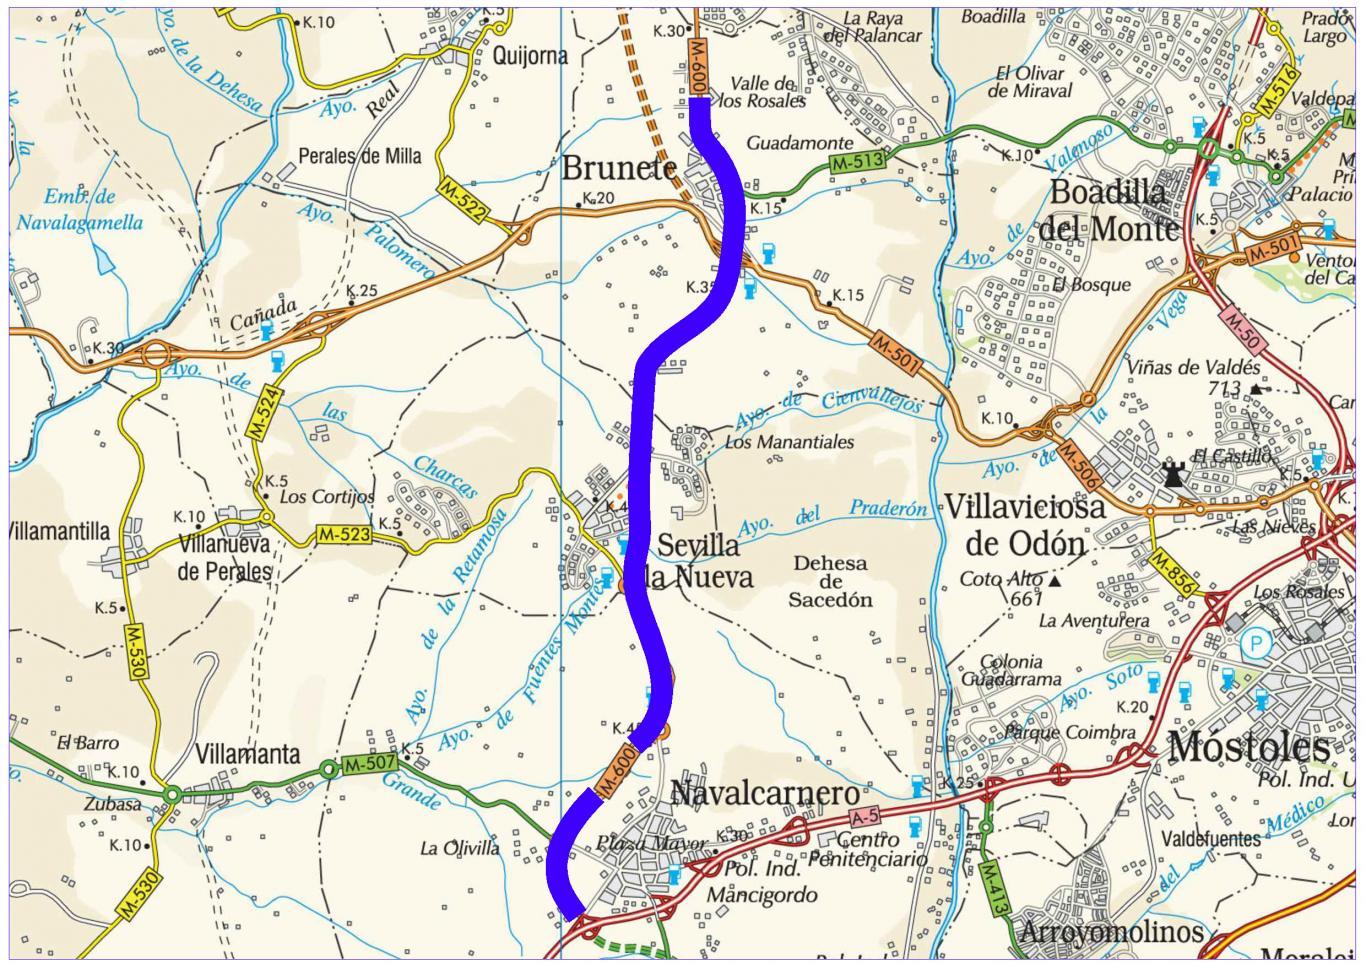 Mapa de situación de la actuación en la carretera M-600